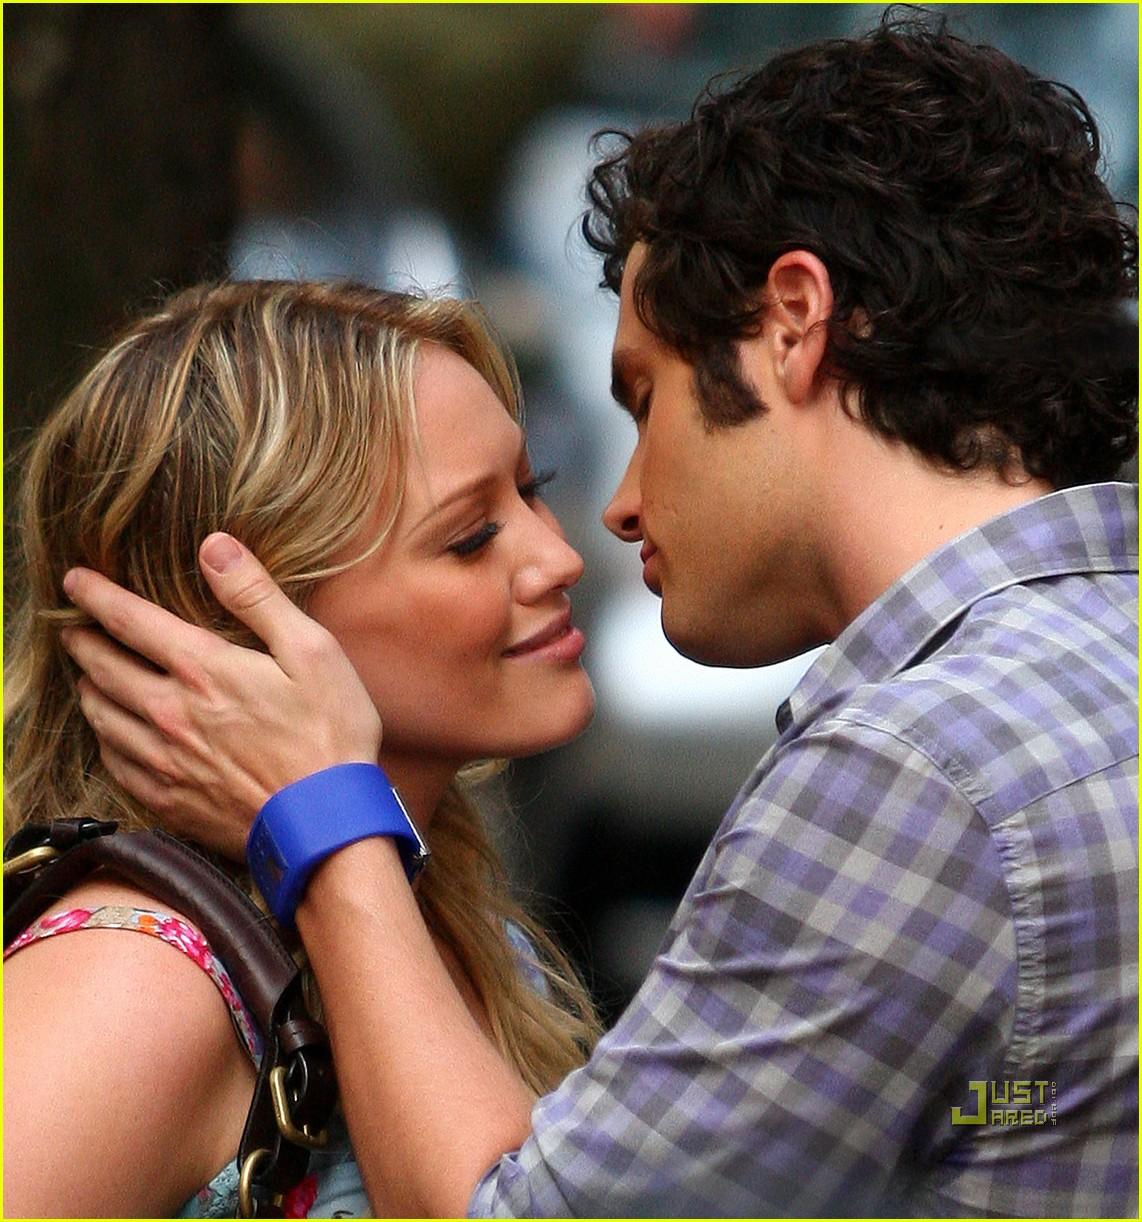 Фото как друг целует своего друга 4 фотография